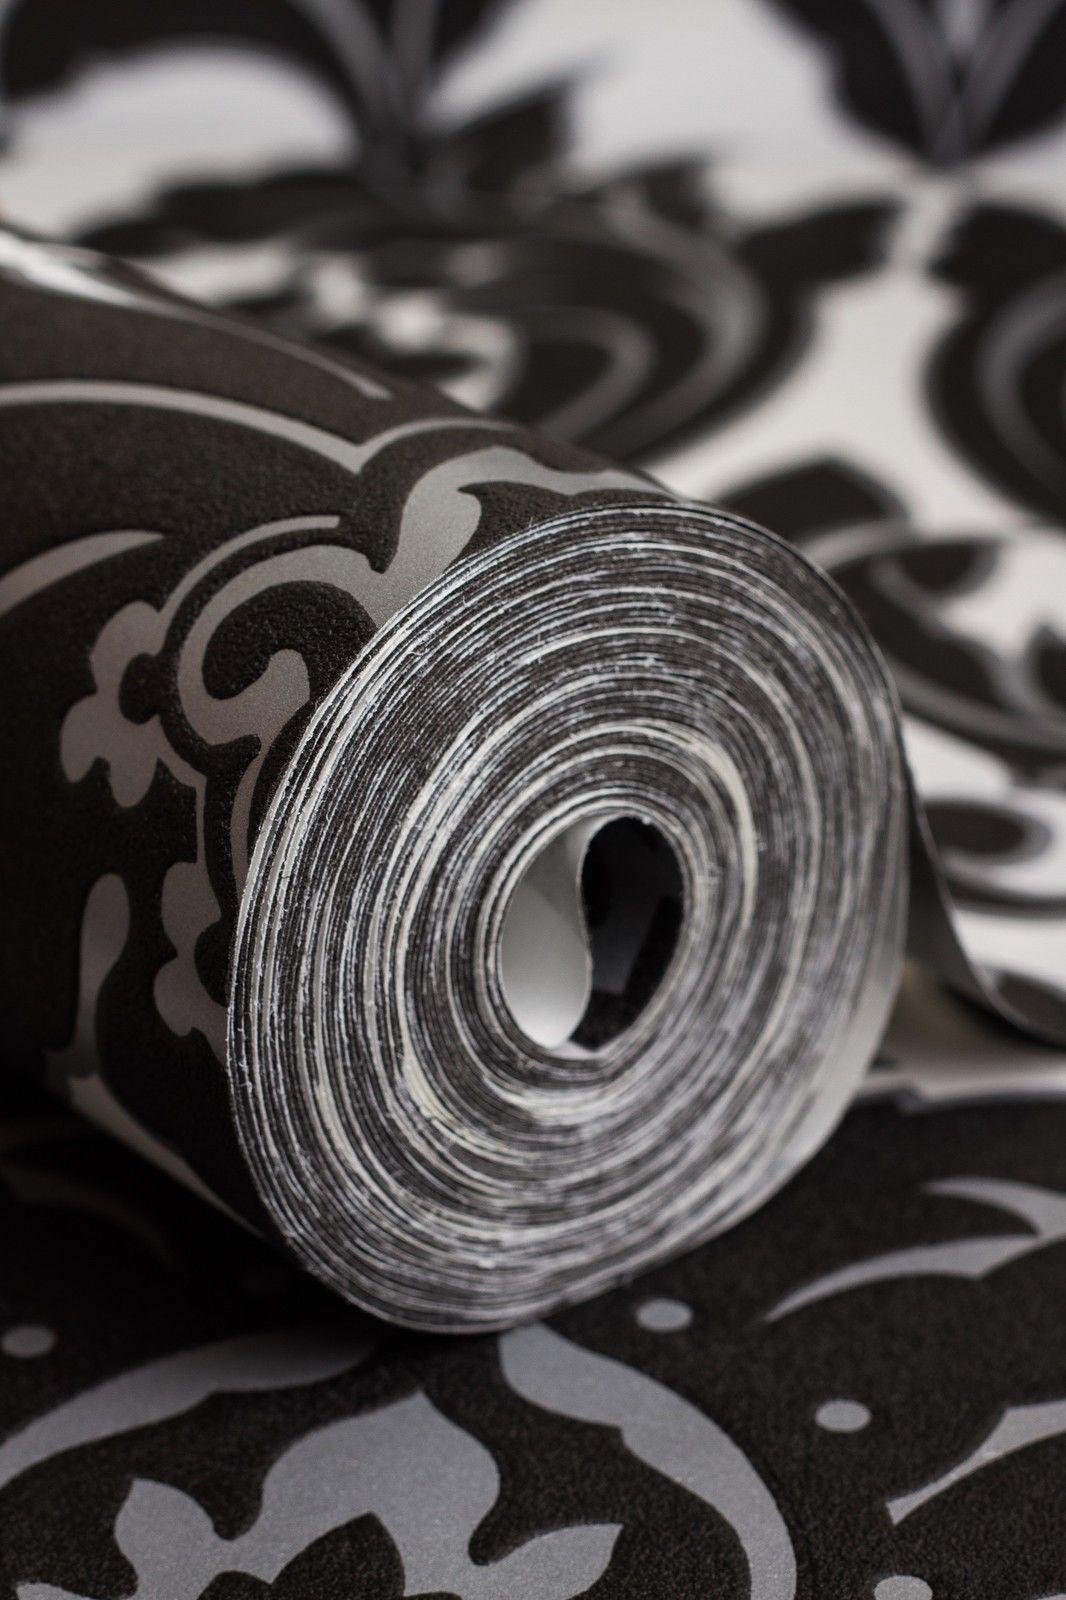 faszinierend tapete schwarz wei muster bilder erindzain. Black Bedroom Furniture Sets. Home Design Ideas